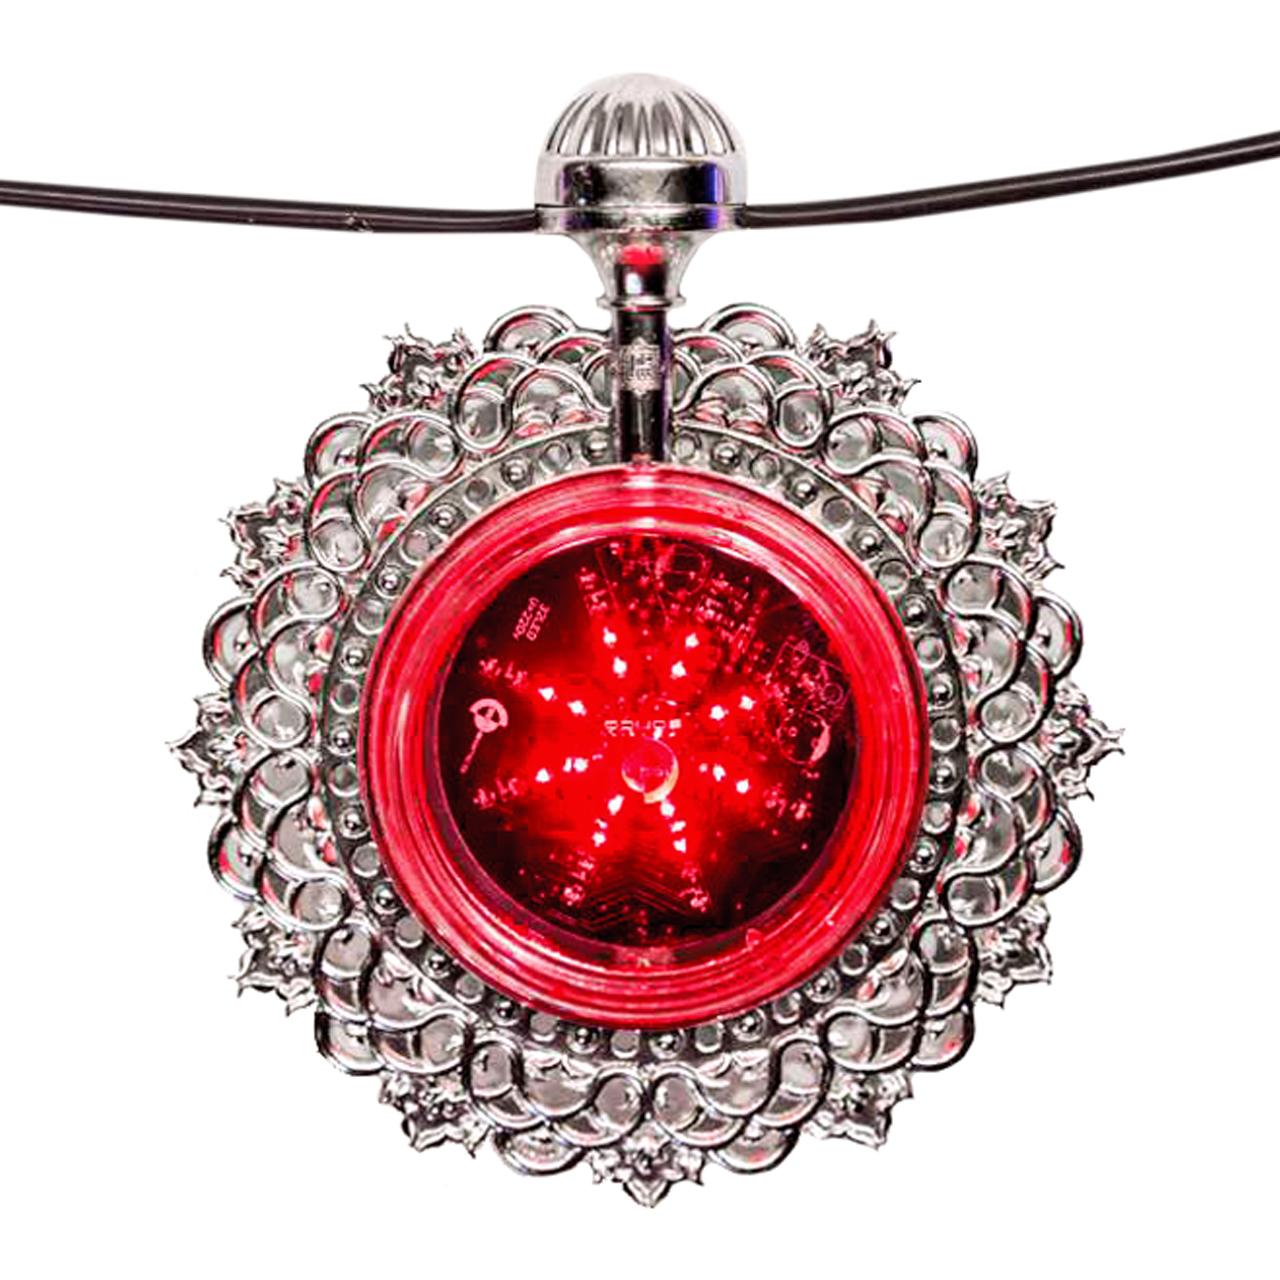 تصویر از تک شعله مدل خورشید تاب ( نقره ای ، قرمز )